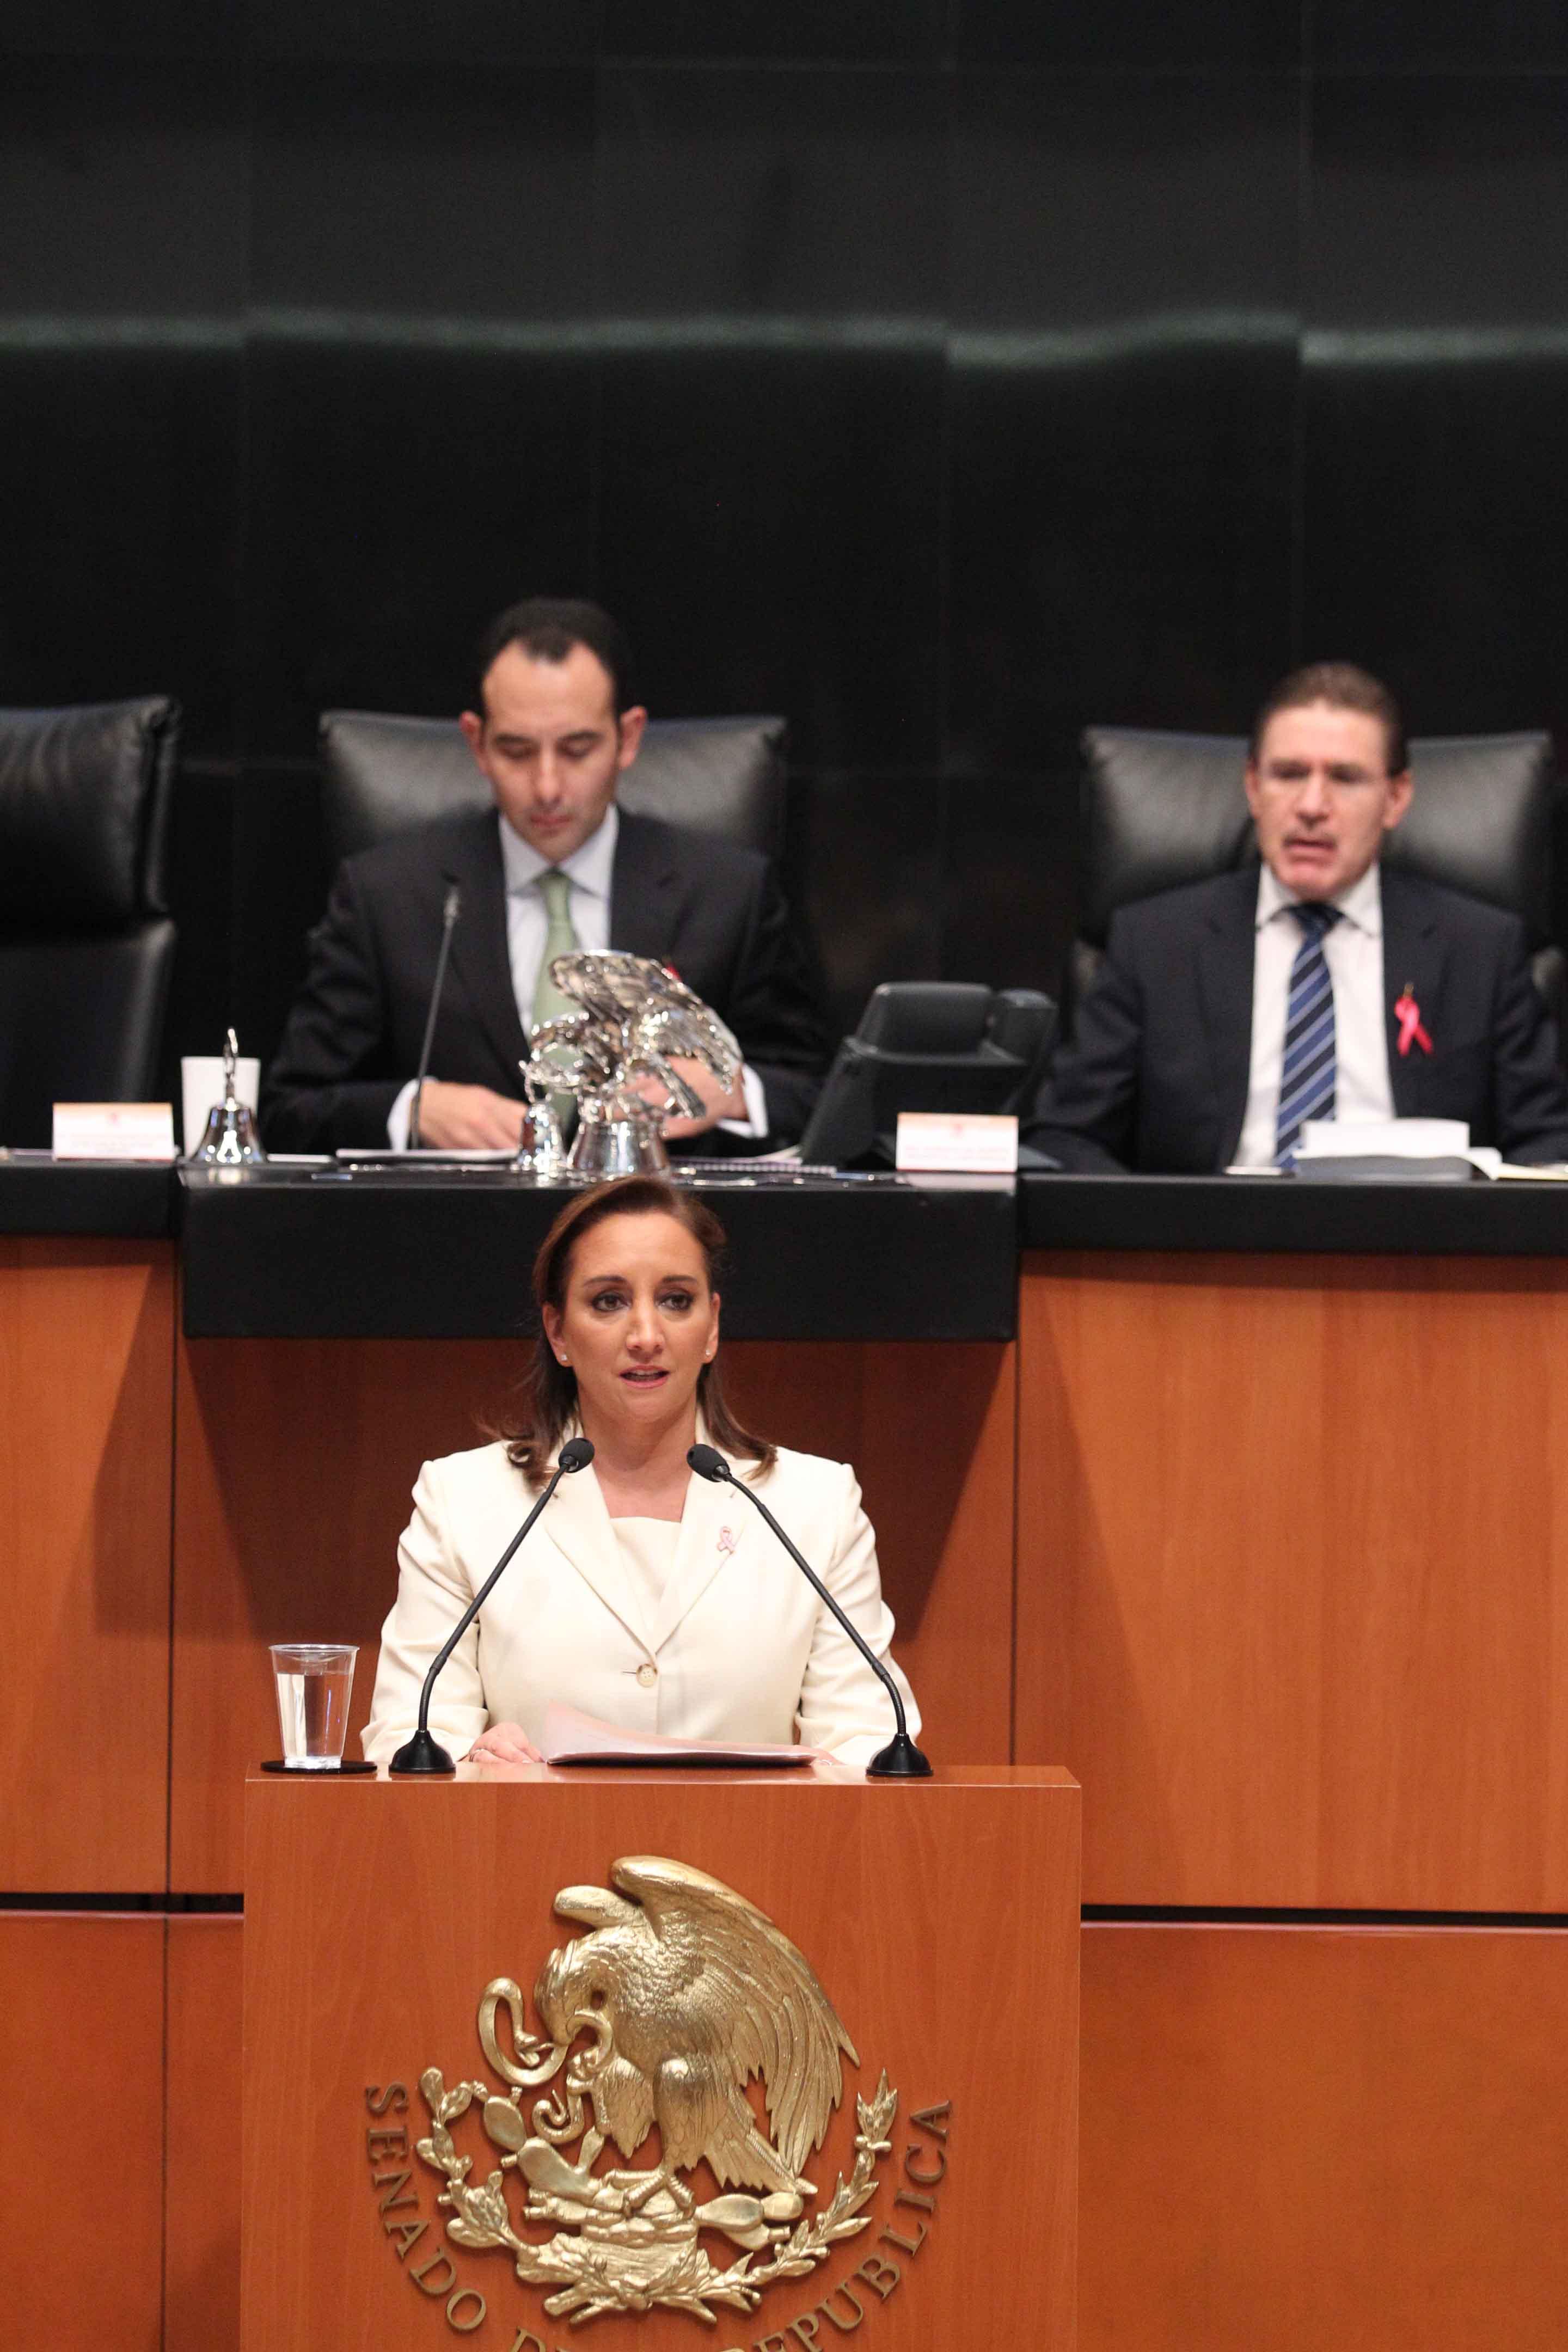 FOTO 2 Canciller Claudia Ruiz Massieu en la glosa del Tercer Informe de Gobierno en el Senado de la Rep blicajpg